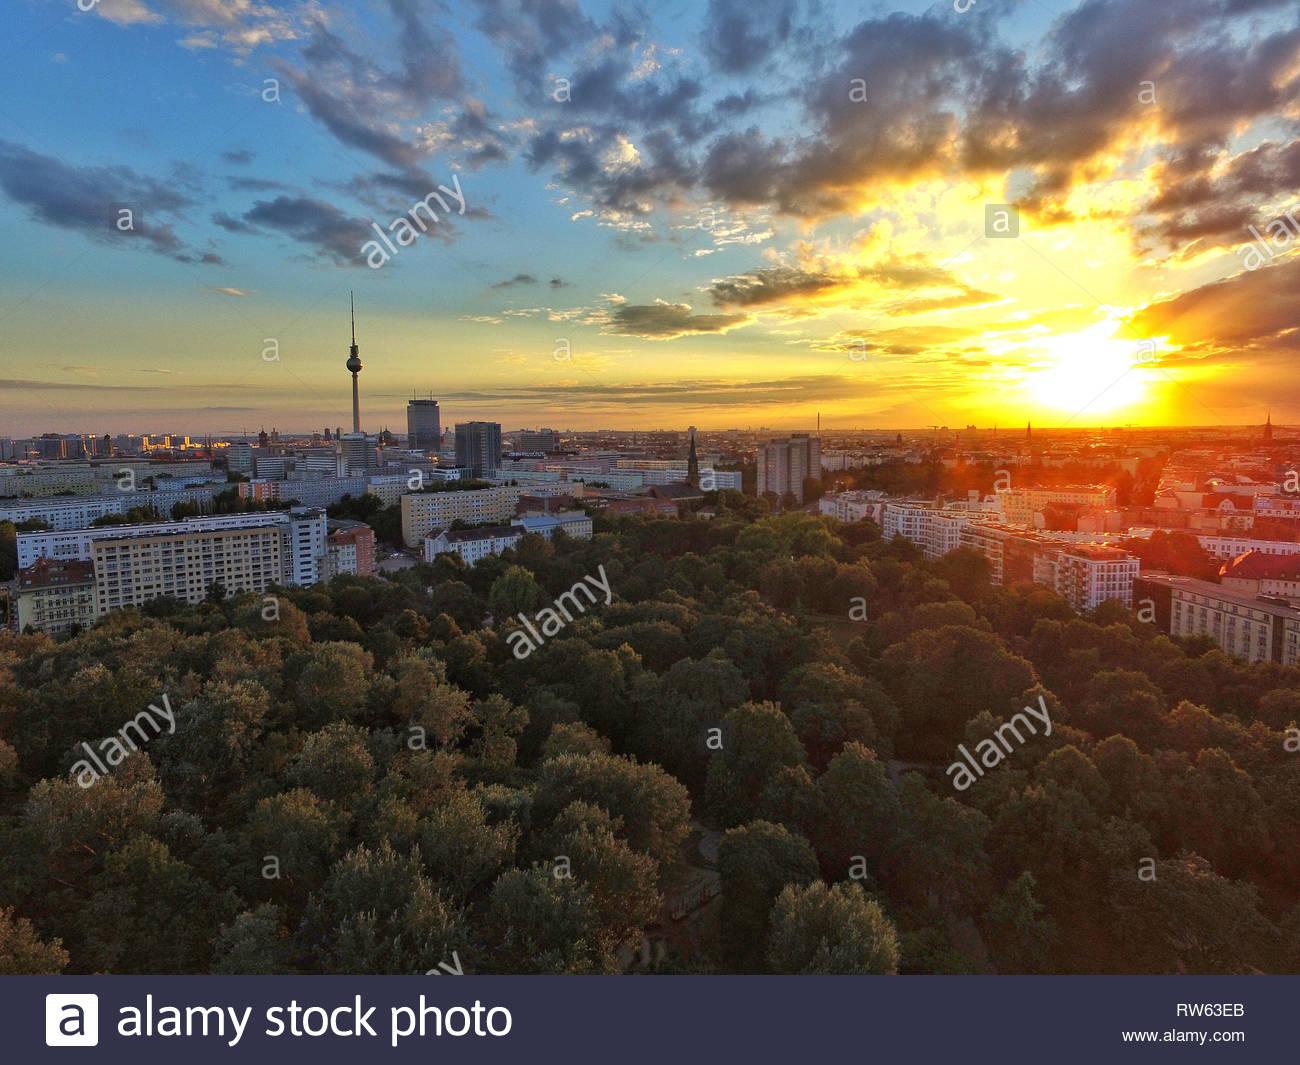 Berliner Volkspark at sunset - Stock Image